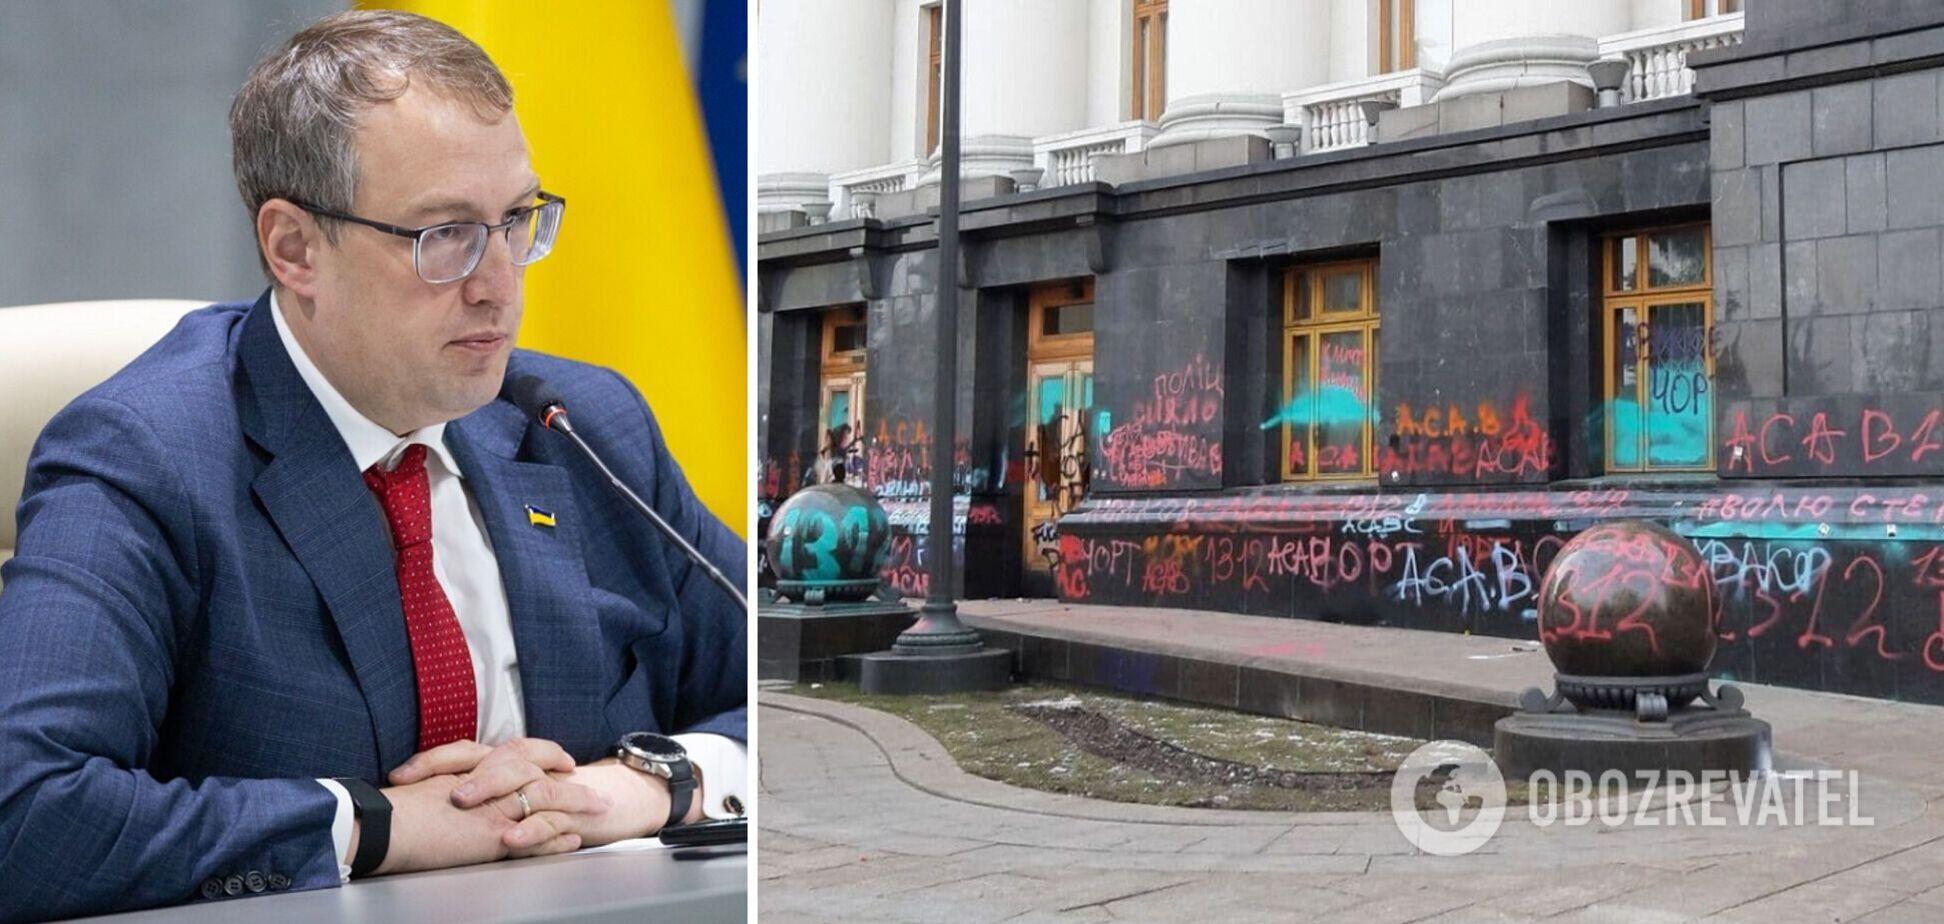 Геращенко: перед організаторами погромів на Банковій стояло завдання – 'більше крові і пекла'